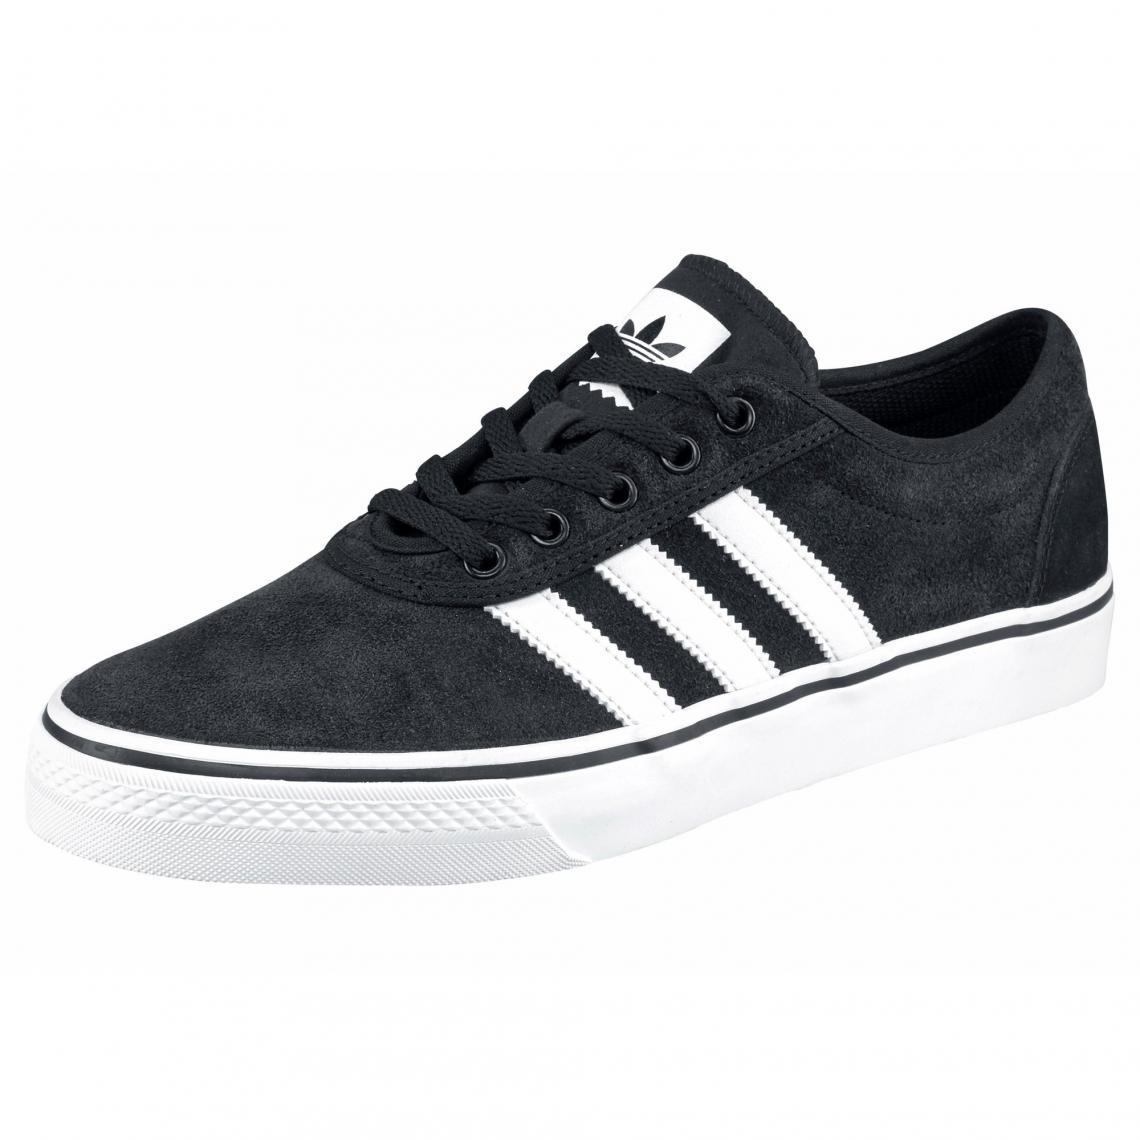 fe425a1d05c9b Tennis ADIDAS Originals Adi-Ease pour homme - Noir - Blanc Adidas Originals  Homme